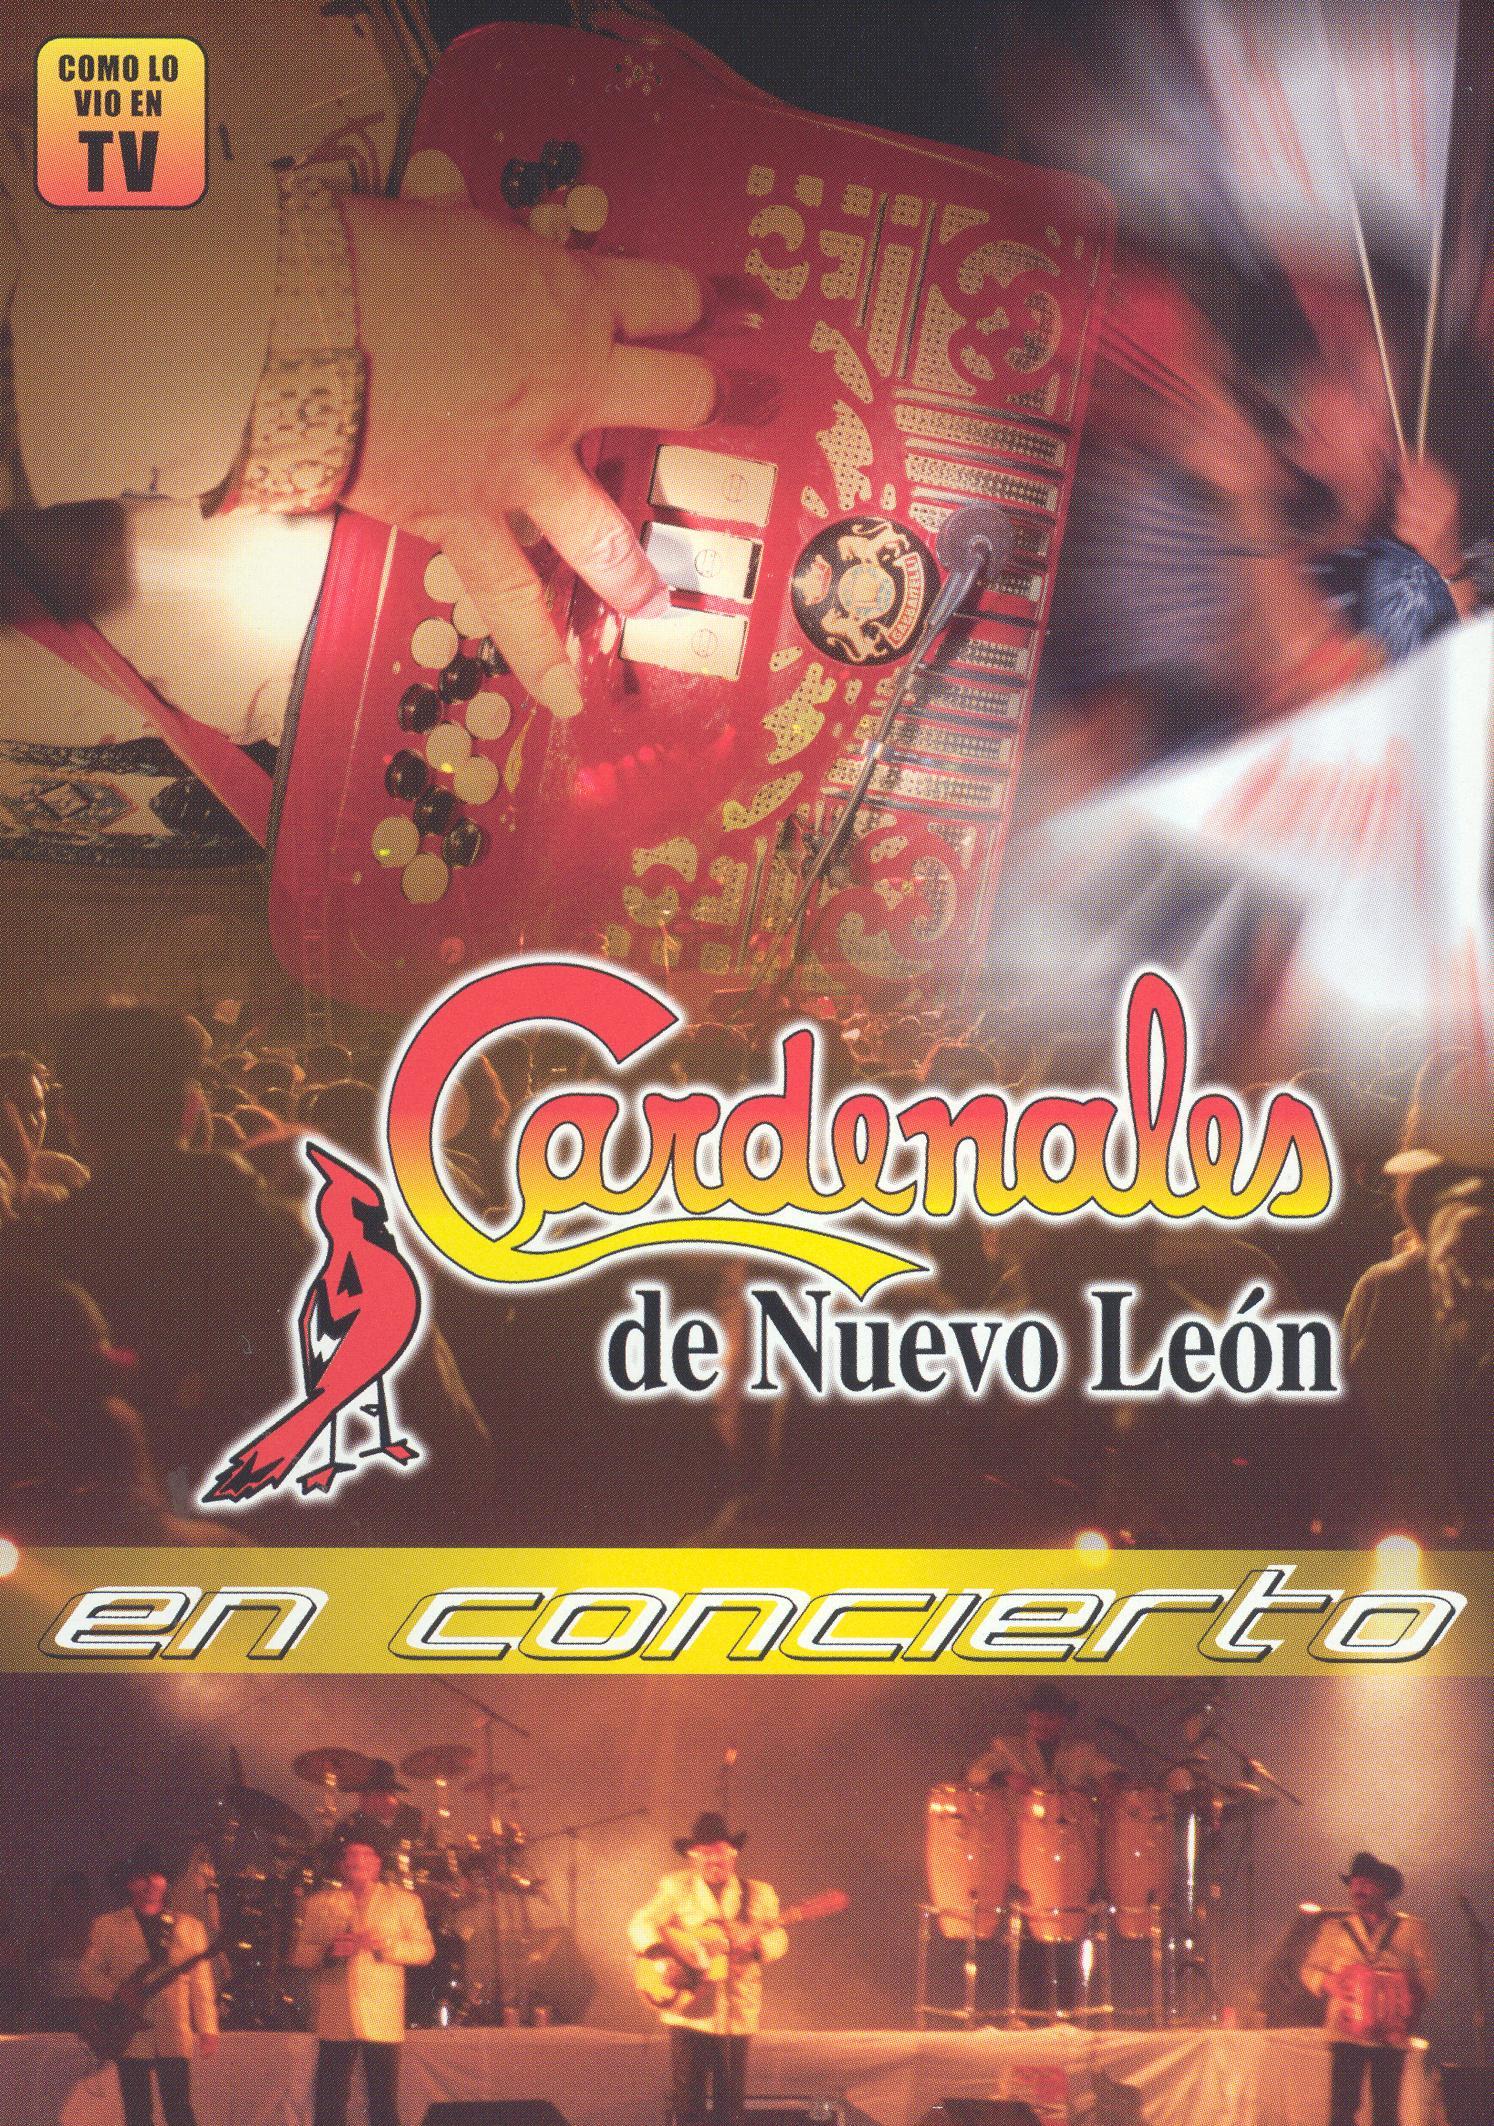 Los Cardenales de Nuevo Leon: En Concierto